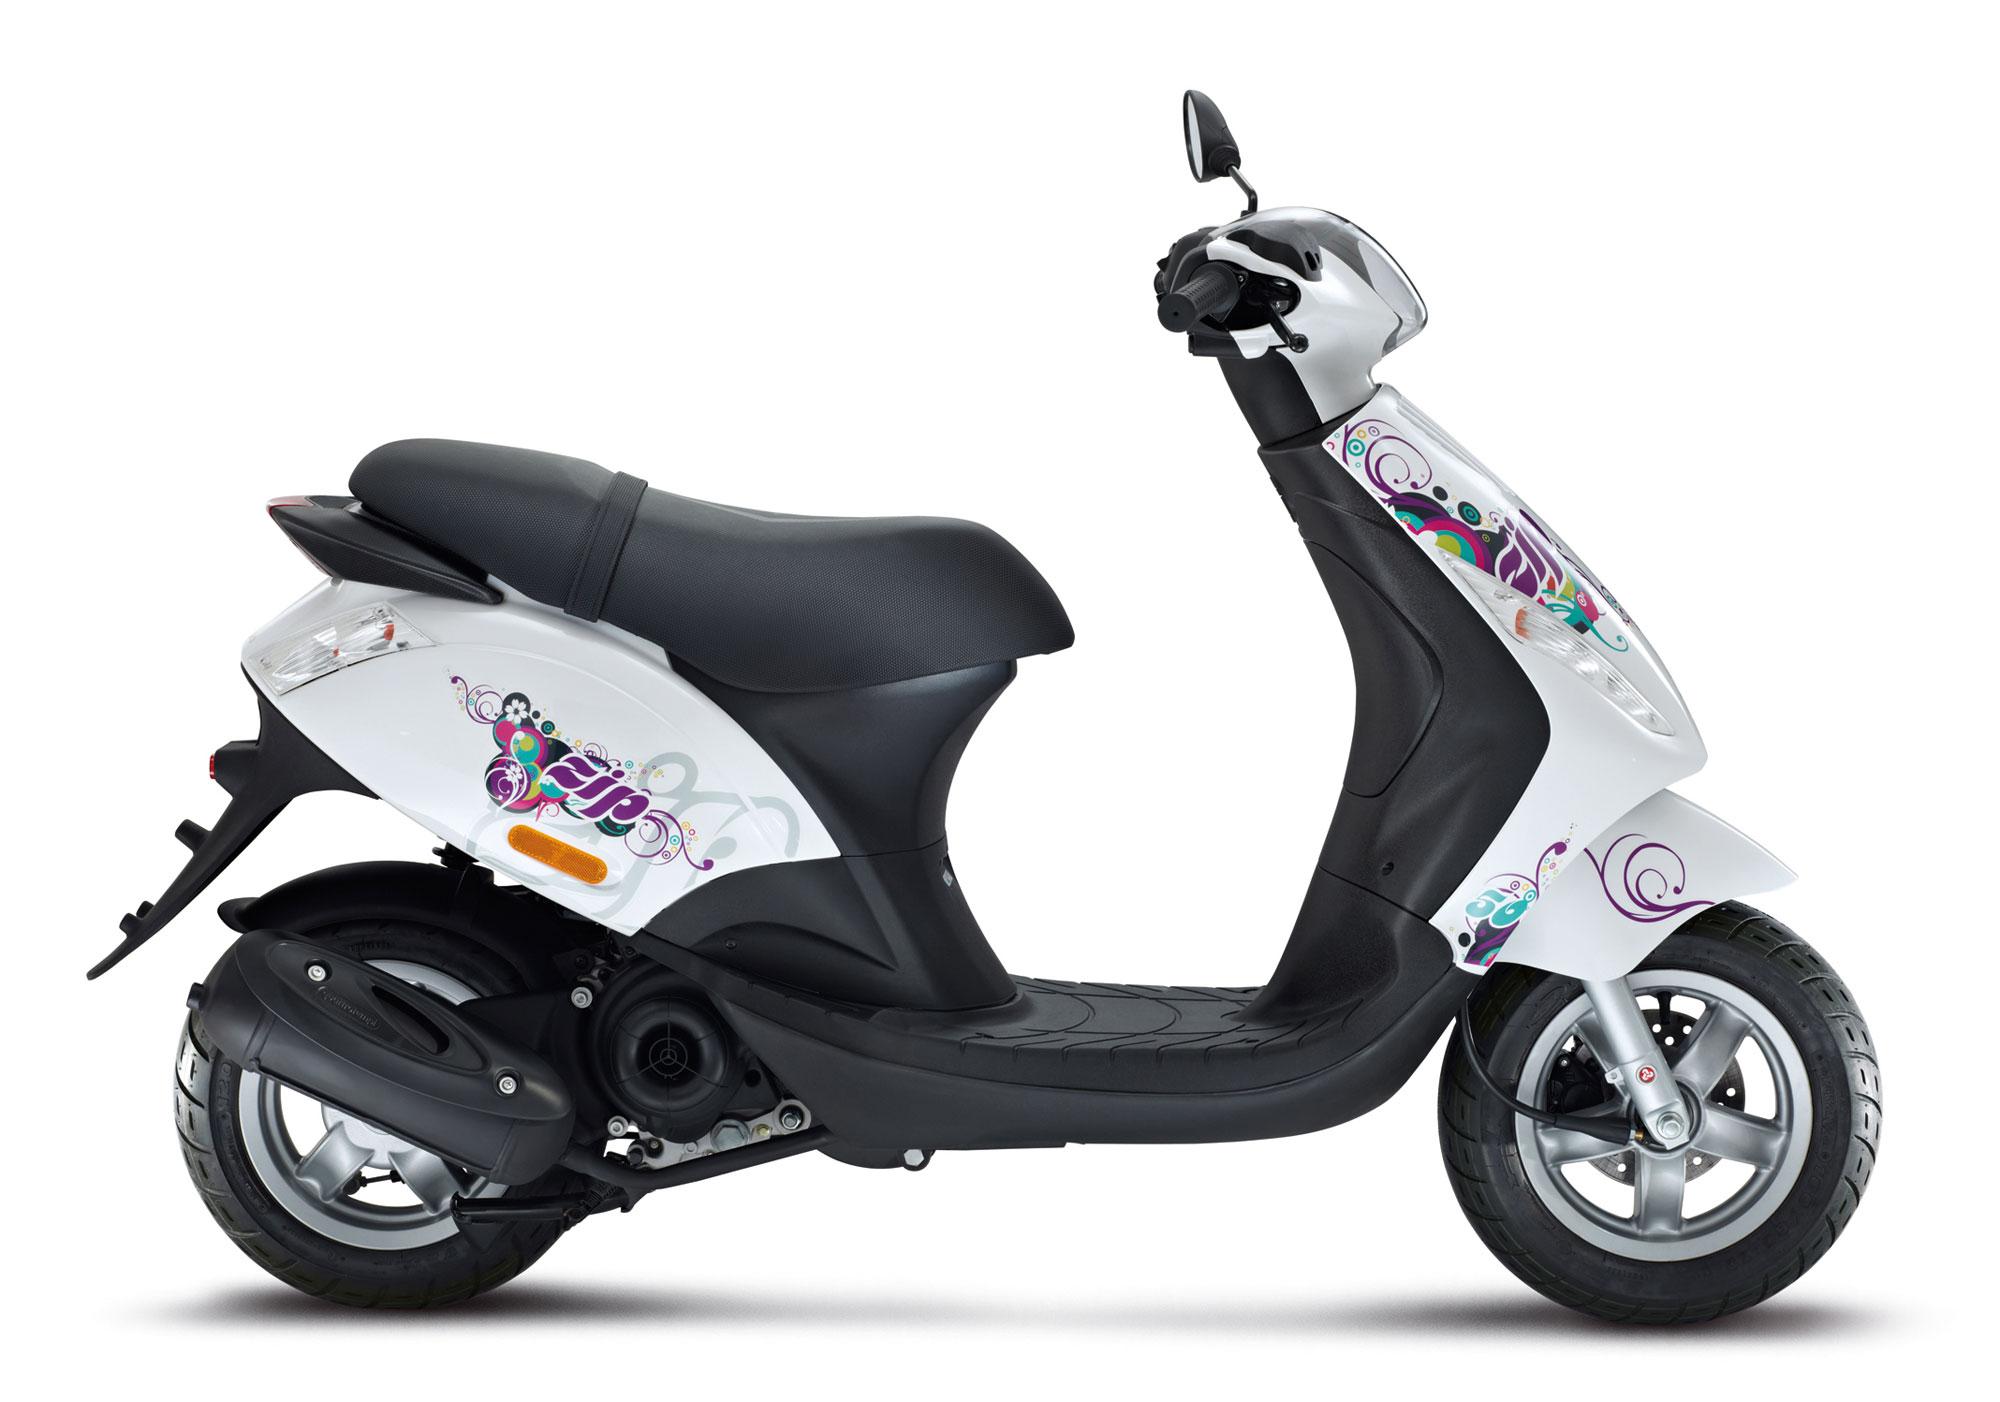 piaggio zip 50 special edition 4-stroke specs - 2011, 2012